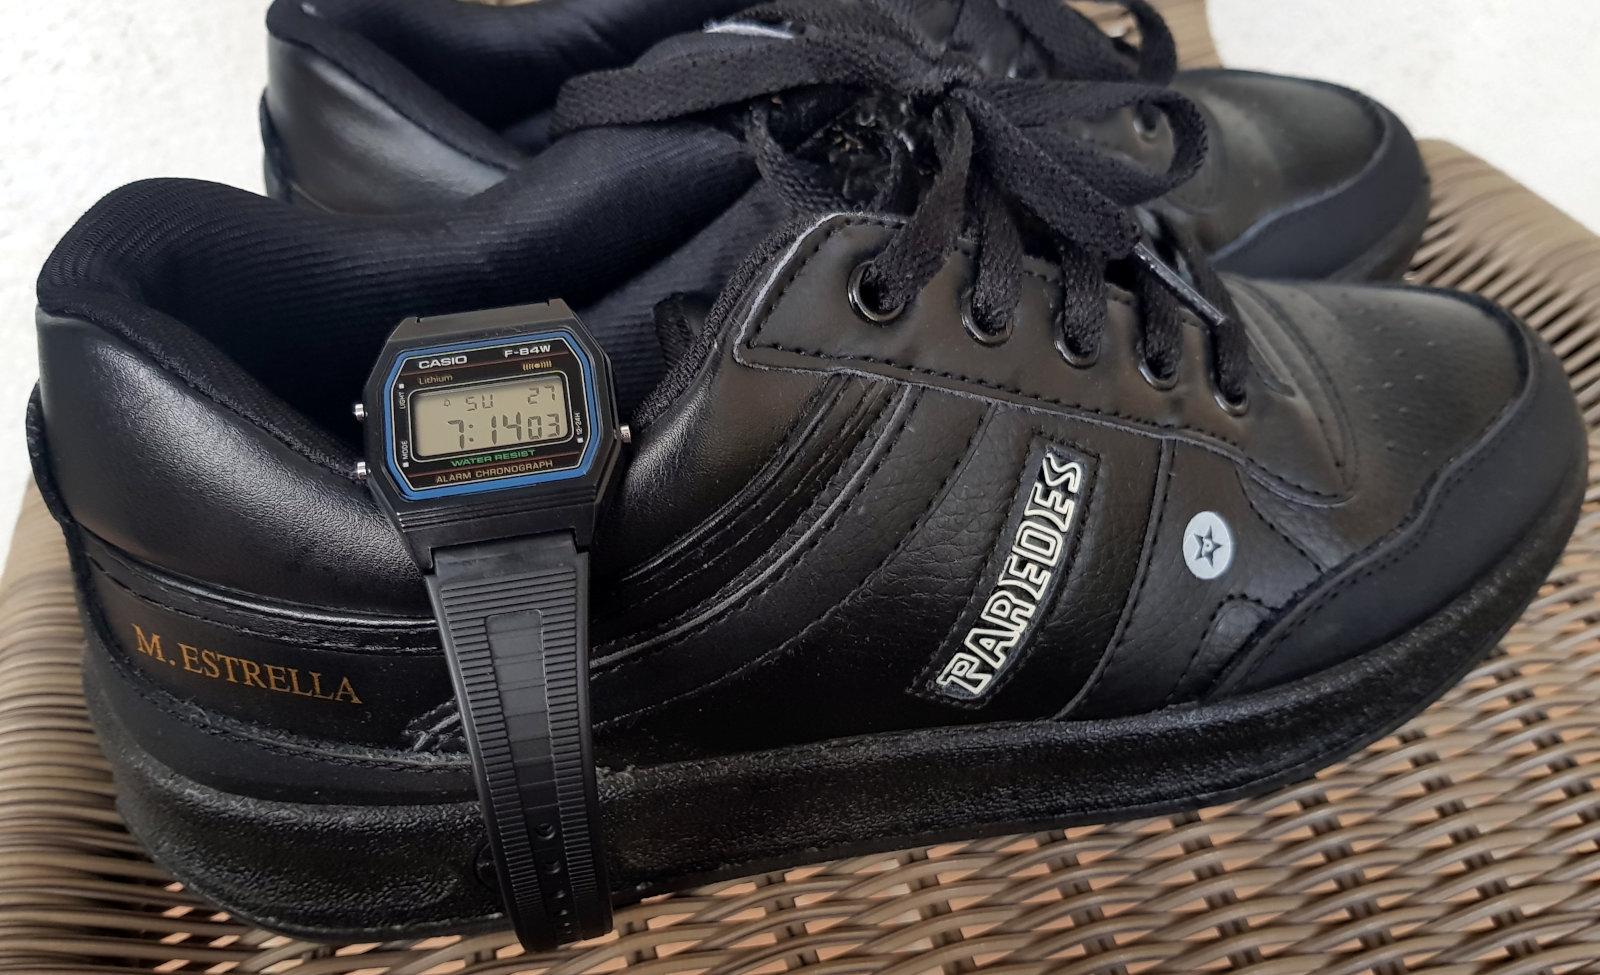 Relojes y calzado Paredes_casio